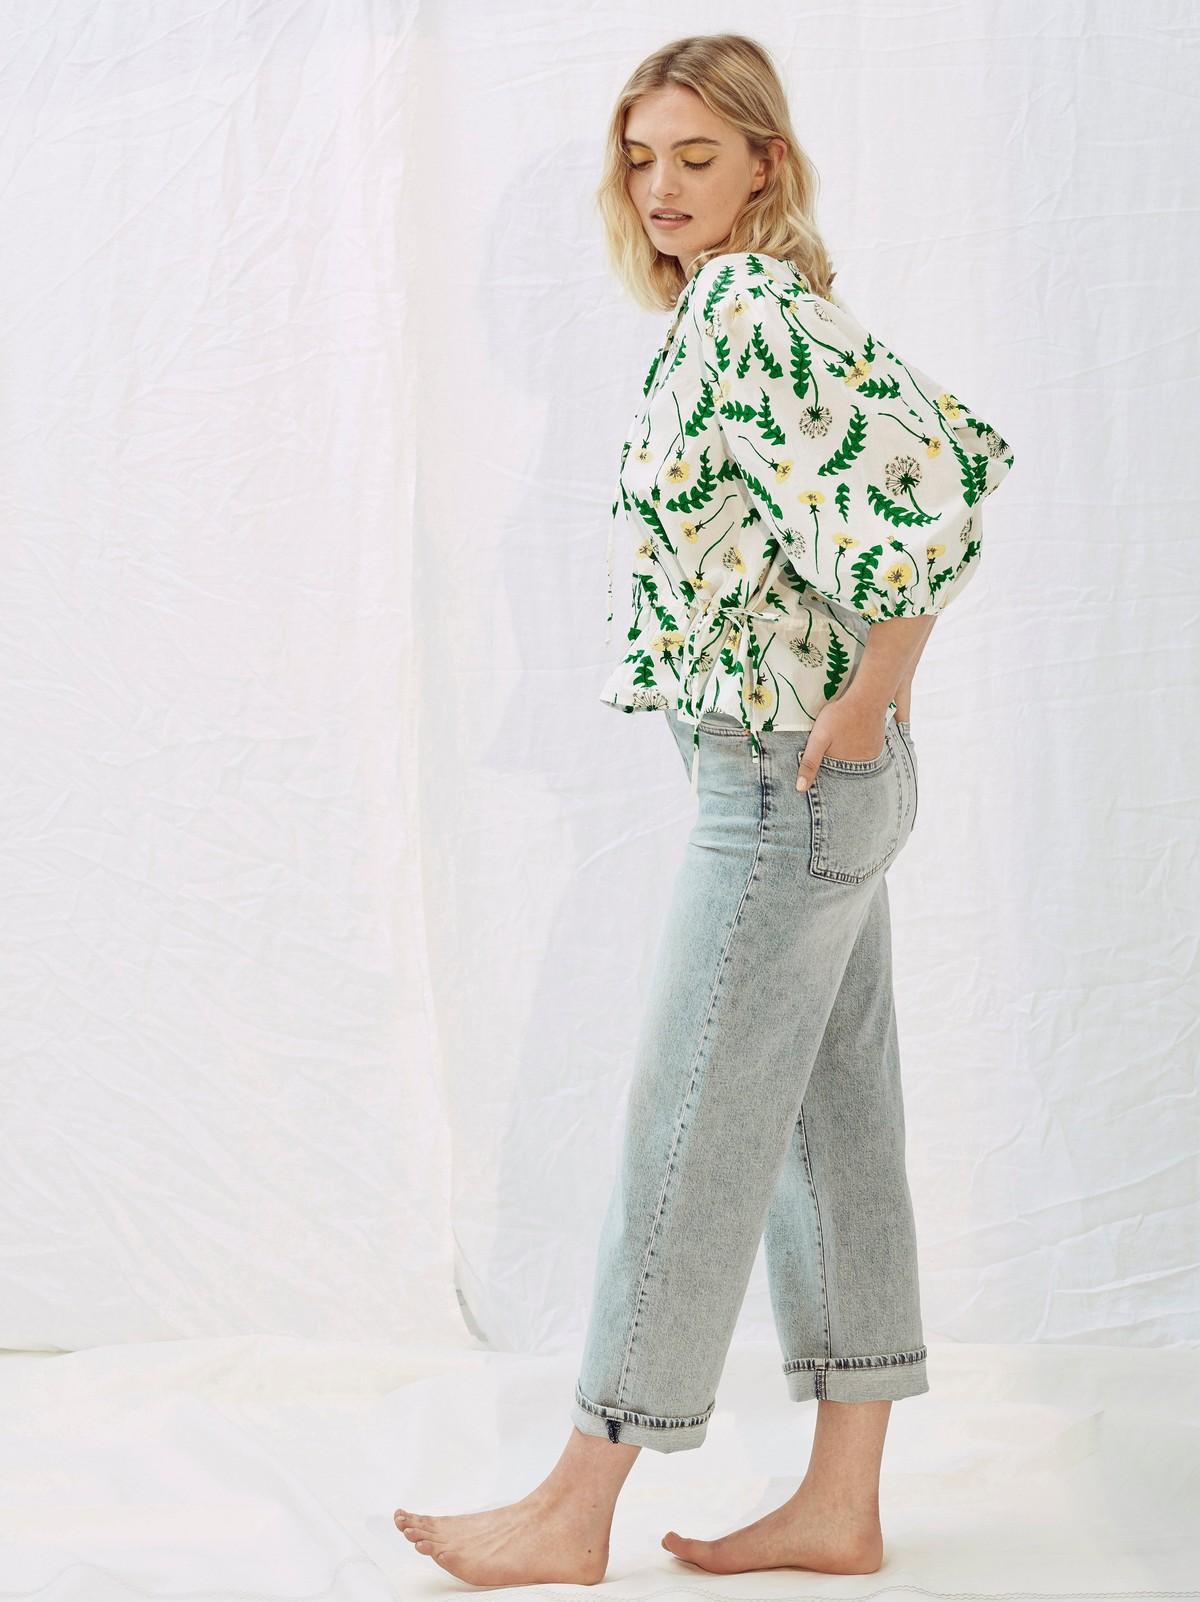 Klänning med puffärm Ängsull Lindex x Joy Zandén | Lindex